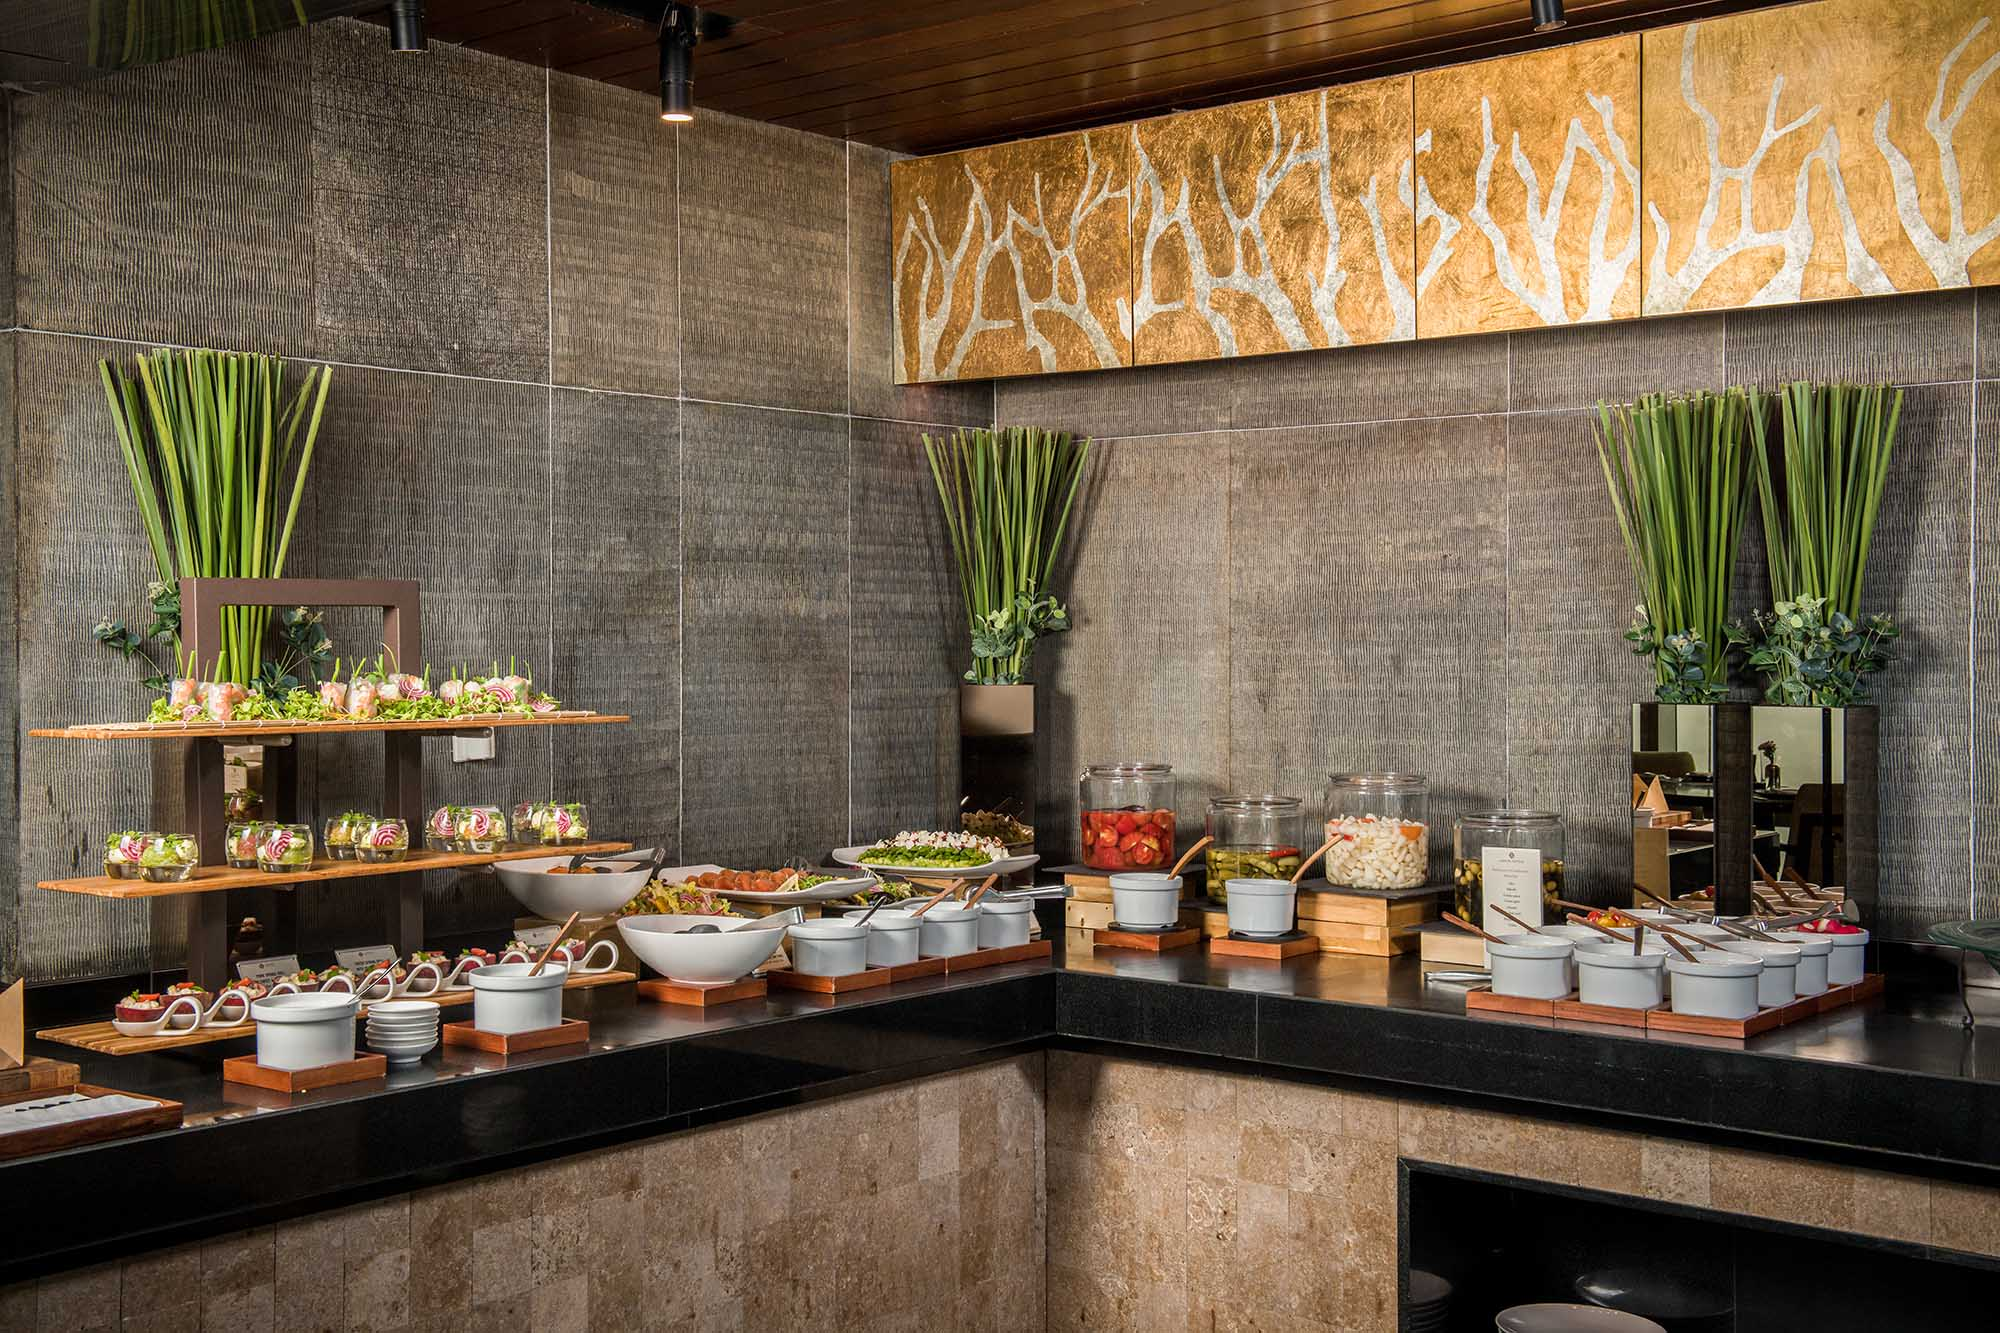 Nhà hàng Grill63 và tinh hoa ẩm thực hiện đại